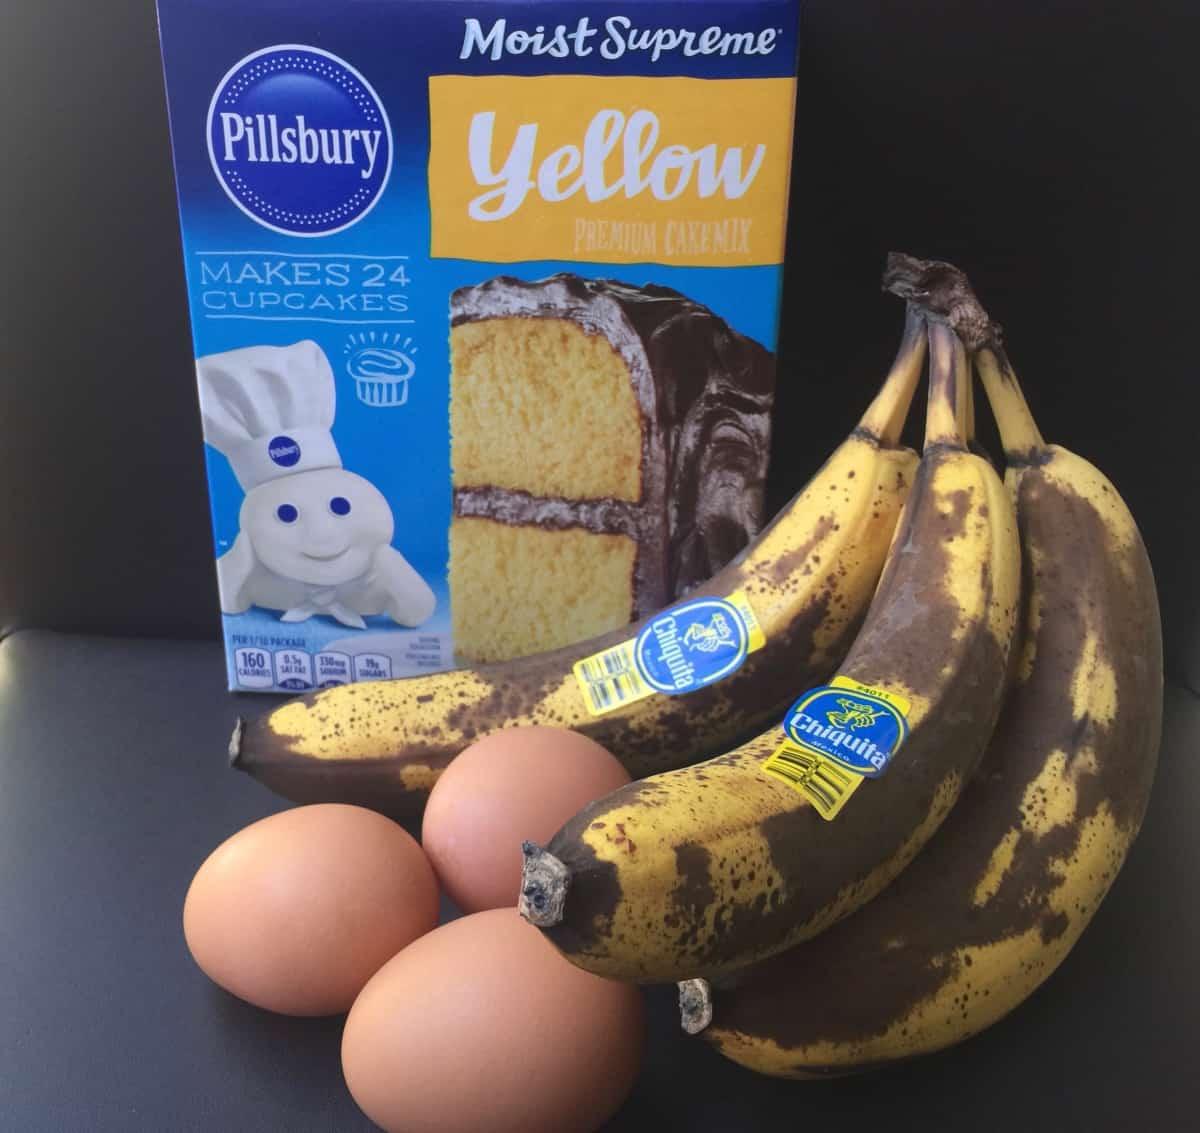 Box of yellow cake mix, eggs and overripe bananas.